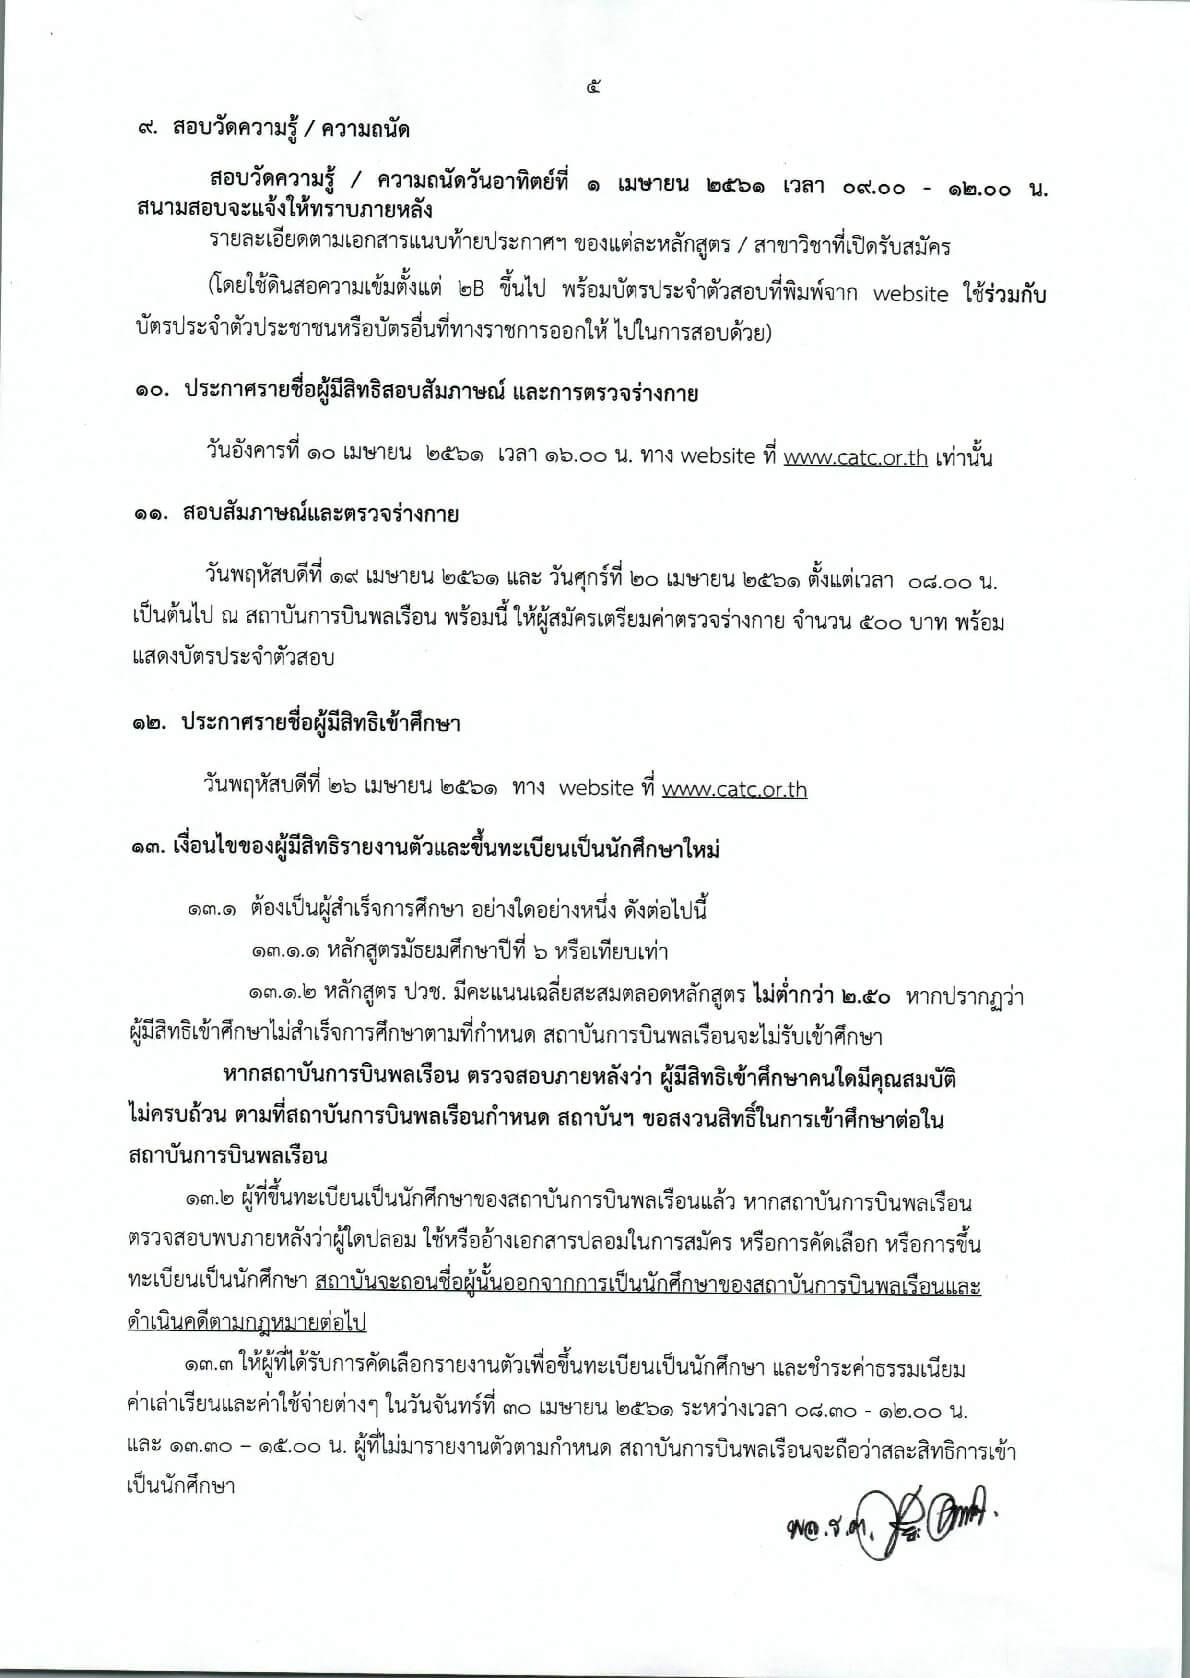 ระเบียบการรับสม้ครสอบสถาบันการบินพลเรือน รอบที่ 2 2561